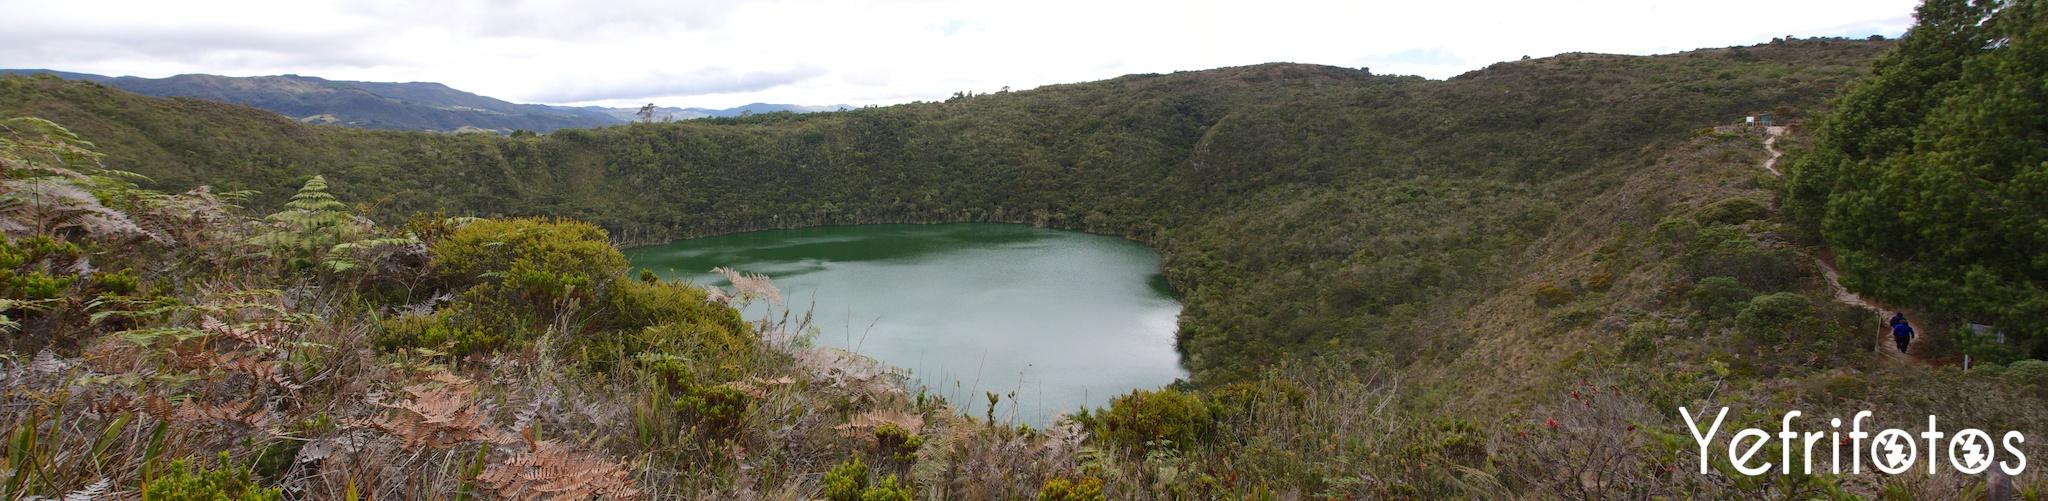 Colombie - Laguna Cacique Guatavita - Cundinamarca